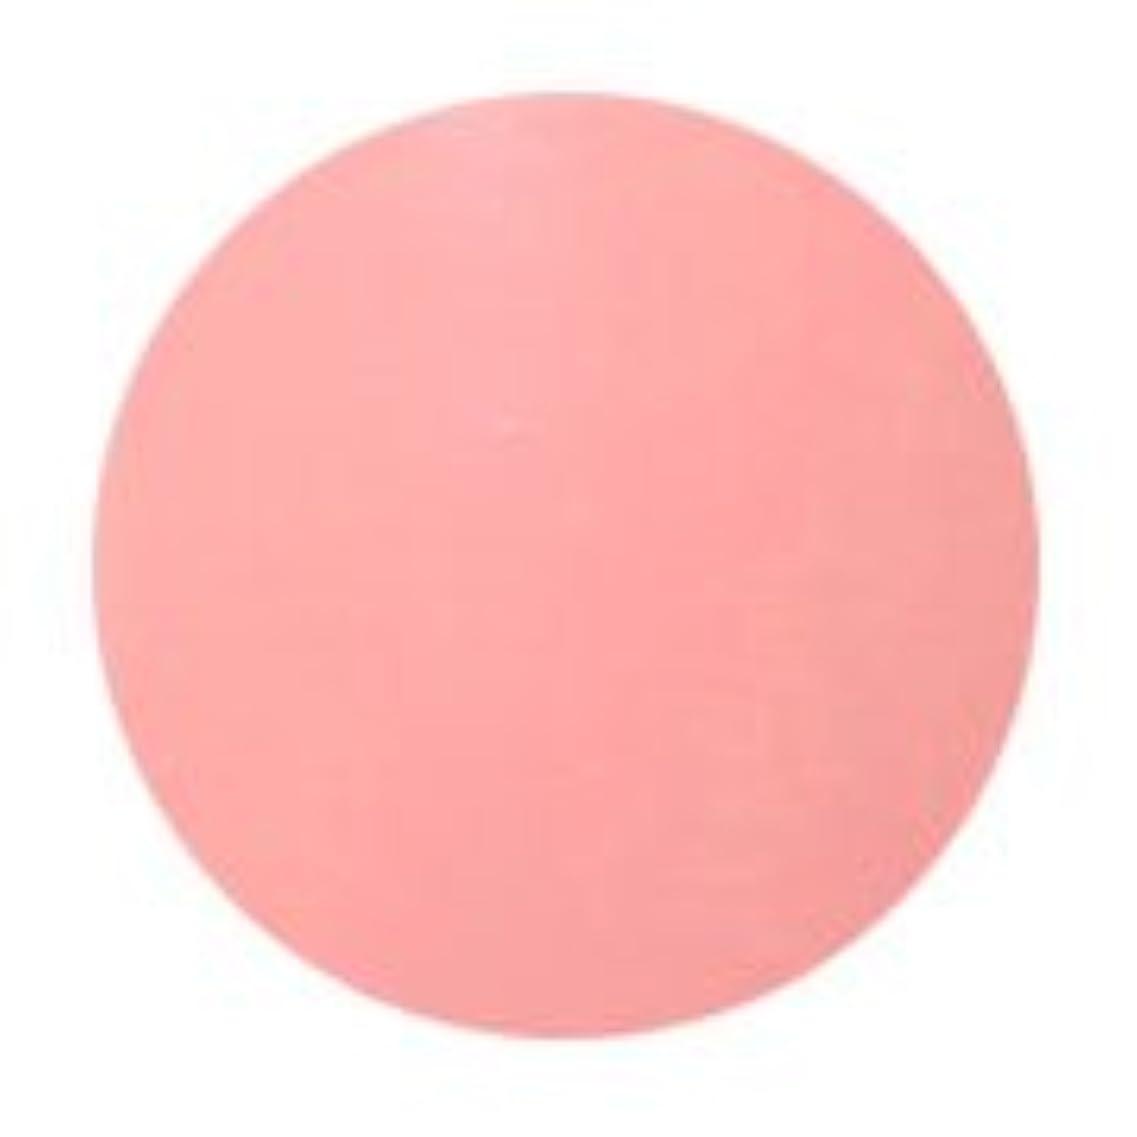 気づく彼らはジャンプするPutiel(プティール) カラージェル アンティーク 3g<BR>A22 ピンクグレープフルーツ